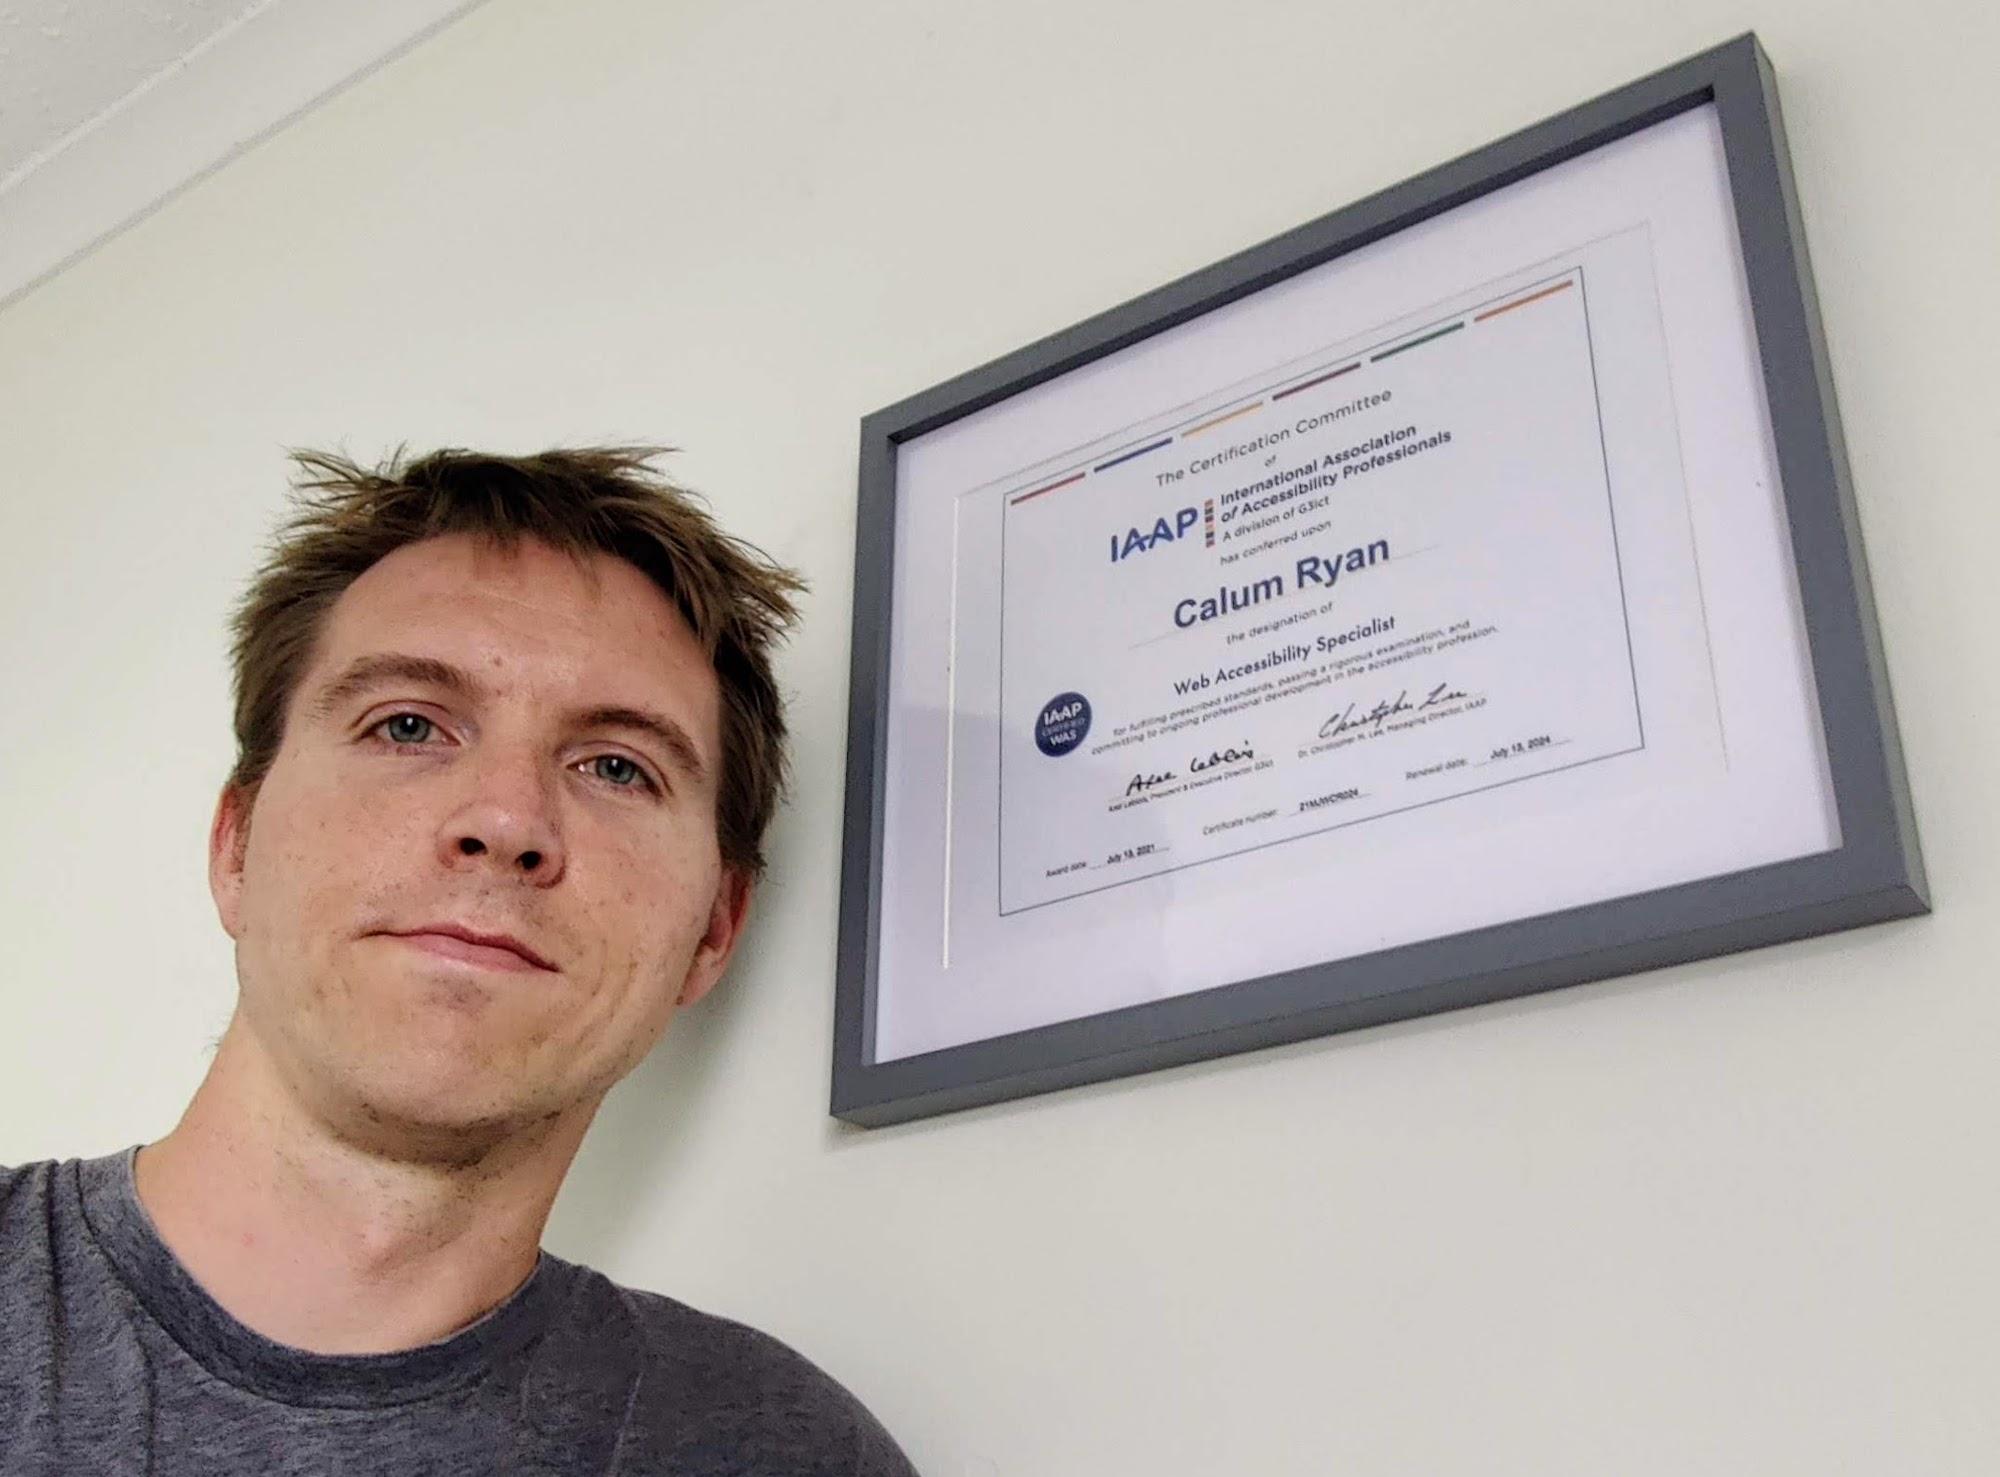 Calum beside his IAAP WAS certificate